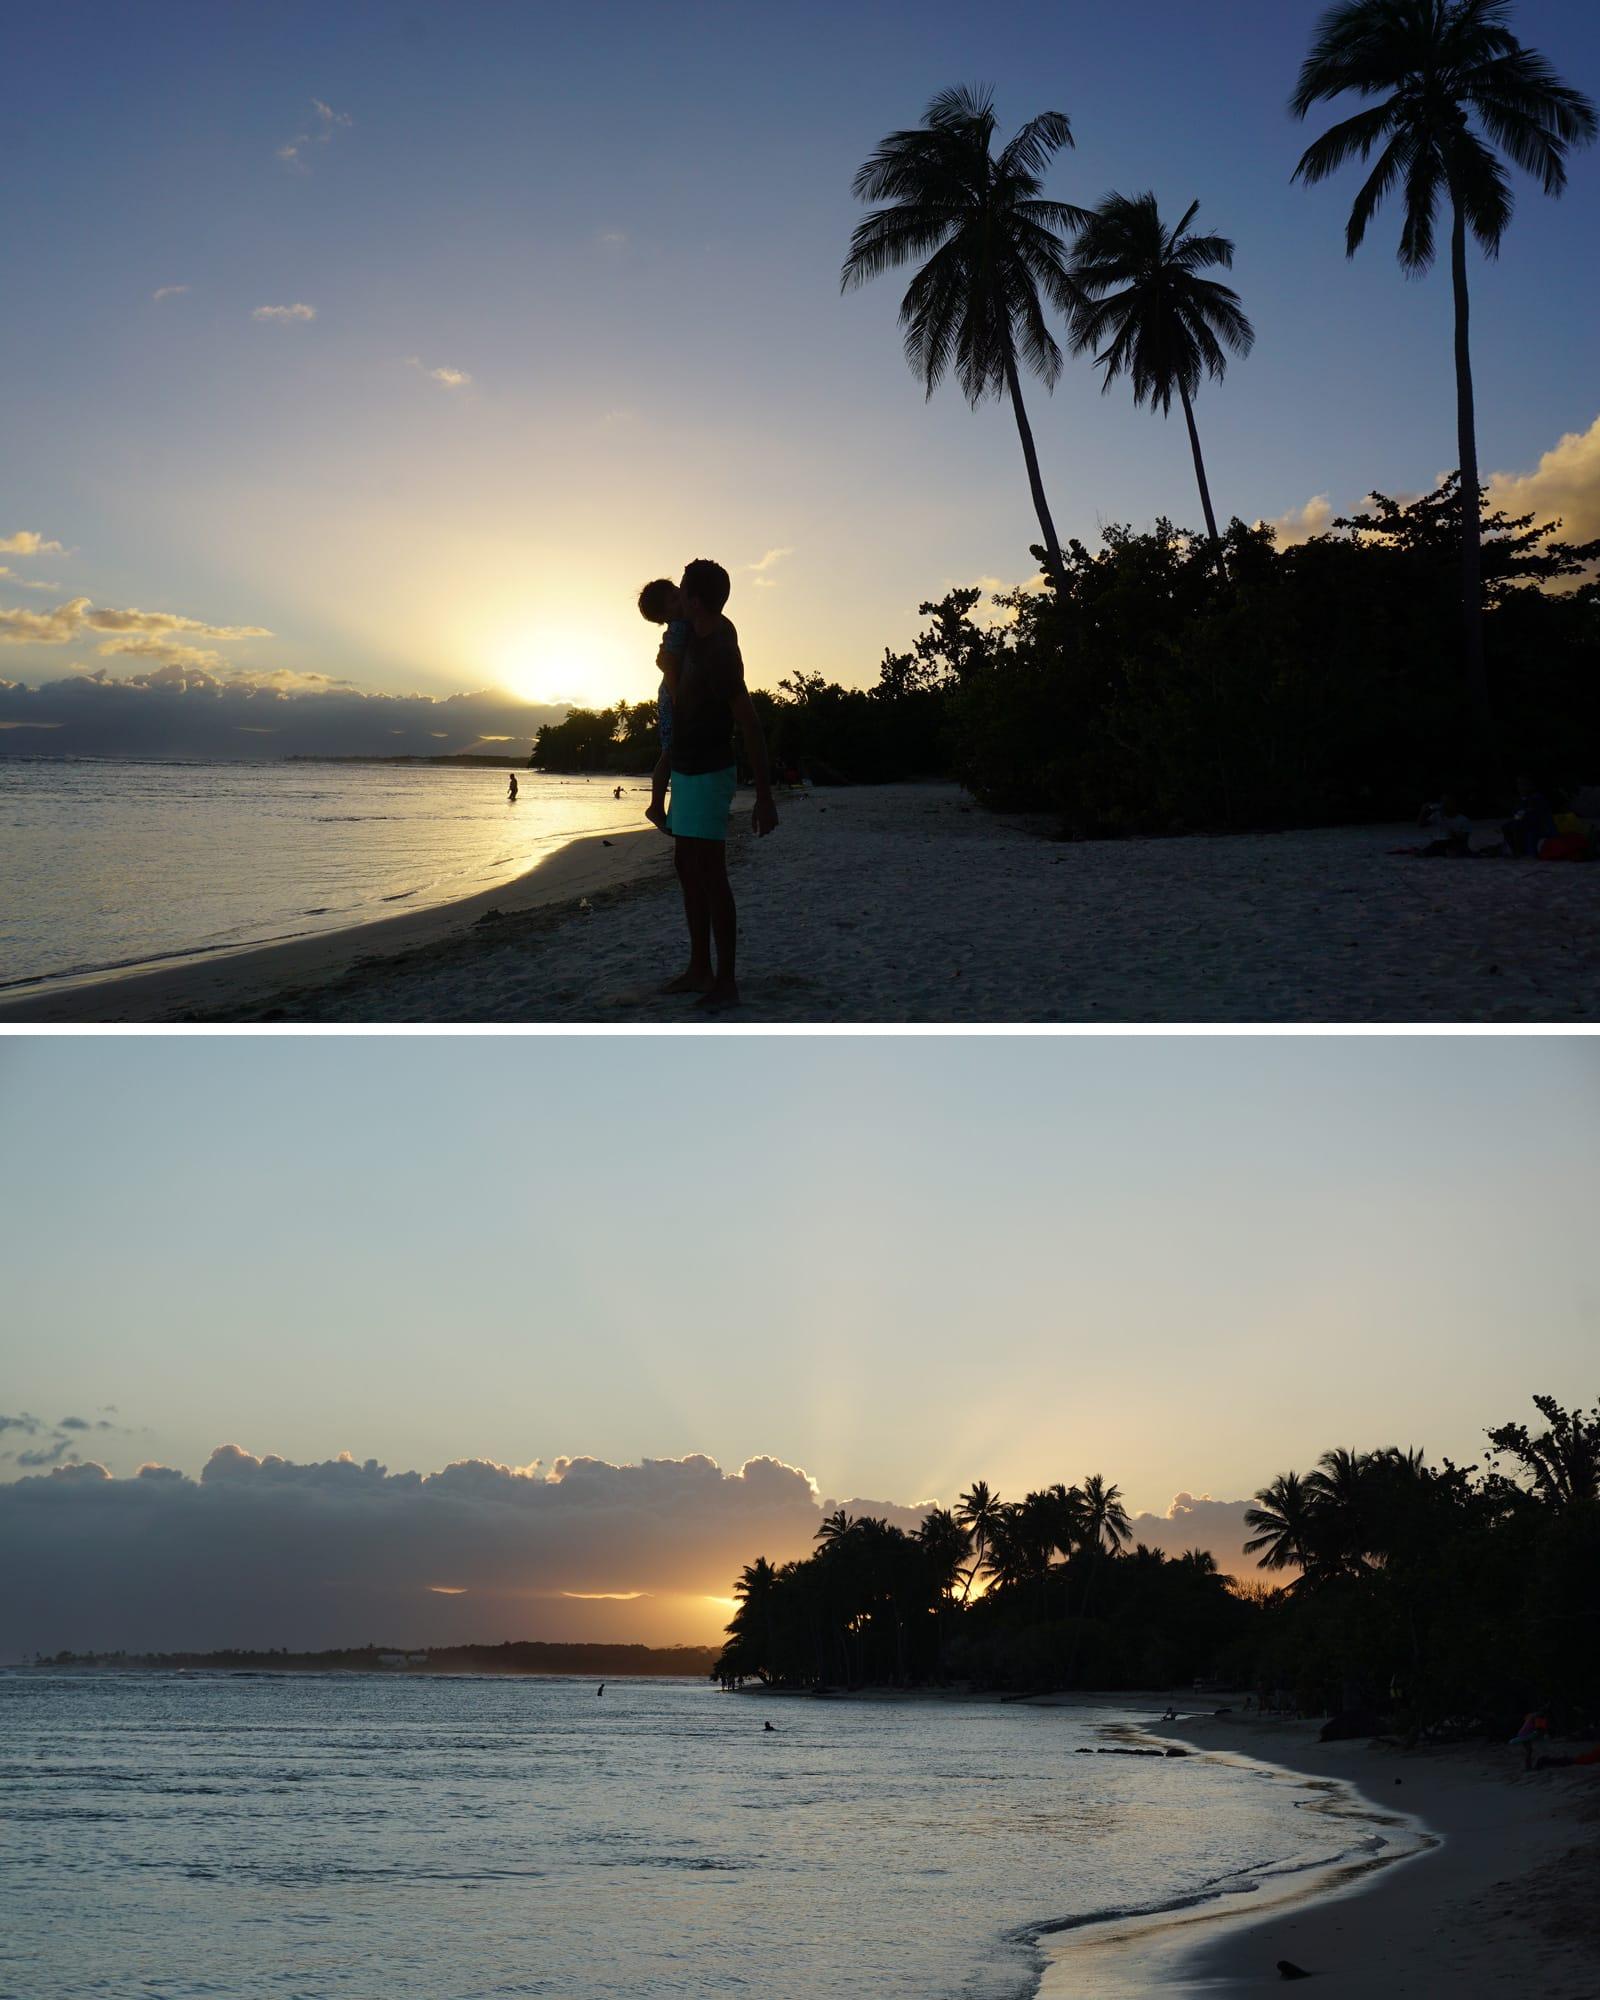 Voyage en famille en Guadeloupe - coucher de soleil sur la plage de bois Jolan